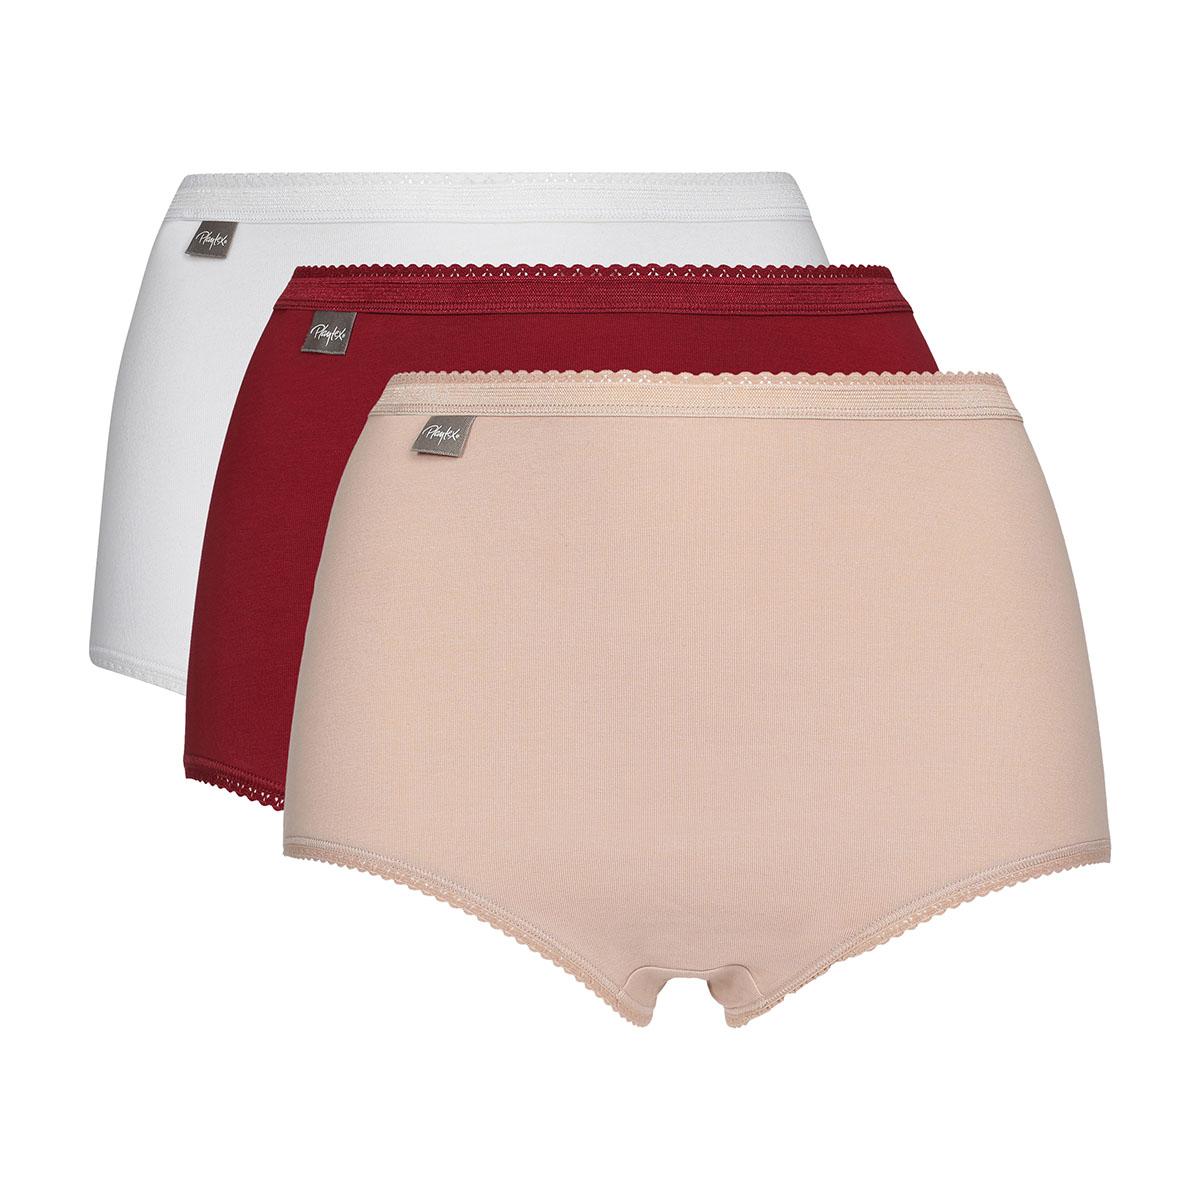 Lote de 3 bragas maxi blanca, roja y beige Coton Stretch, , PLAYTEX